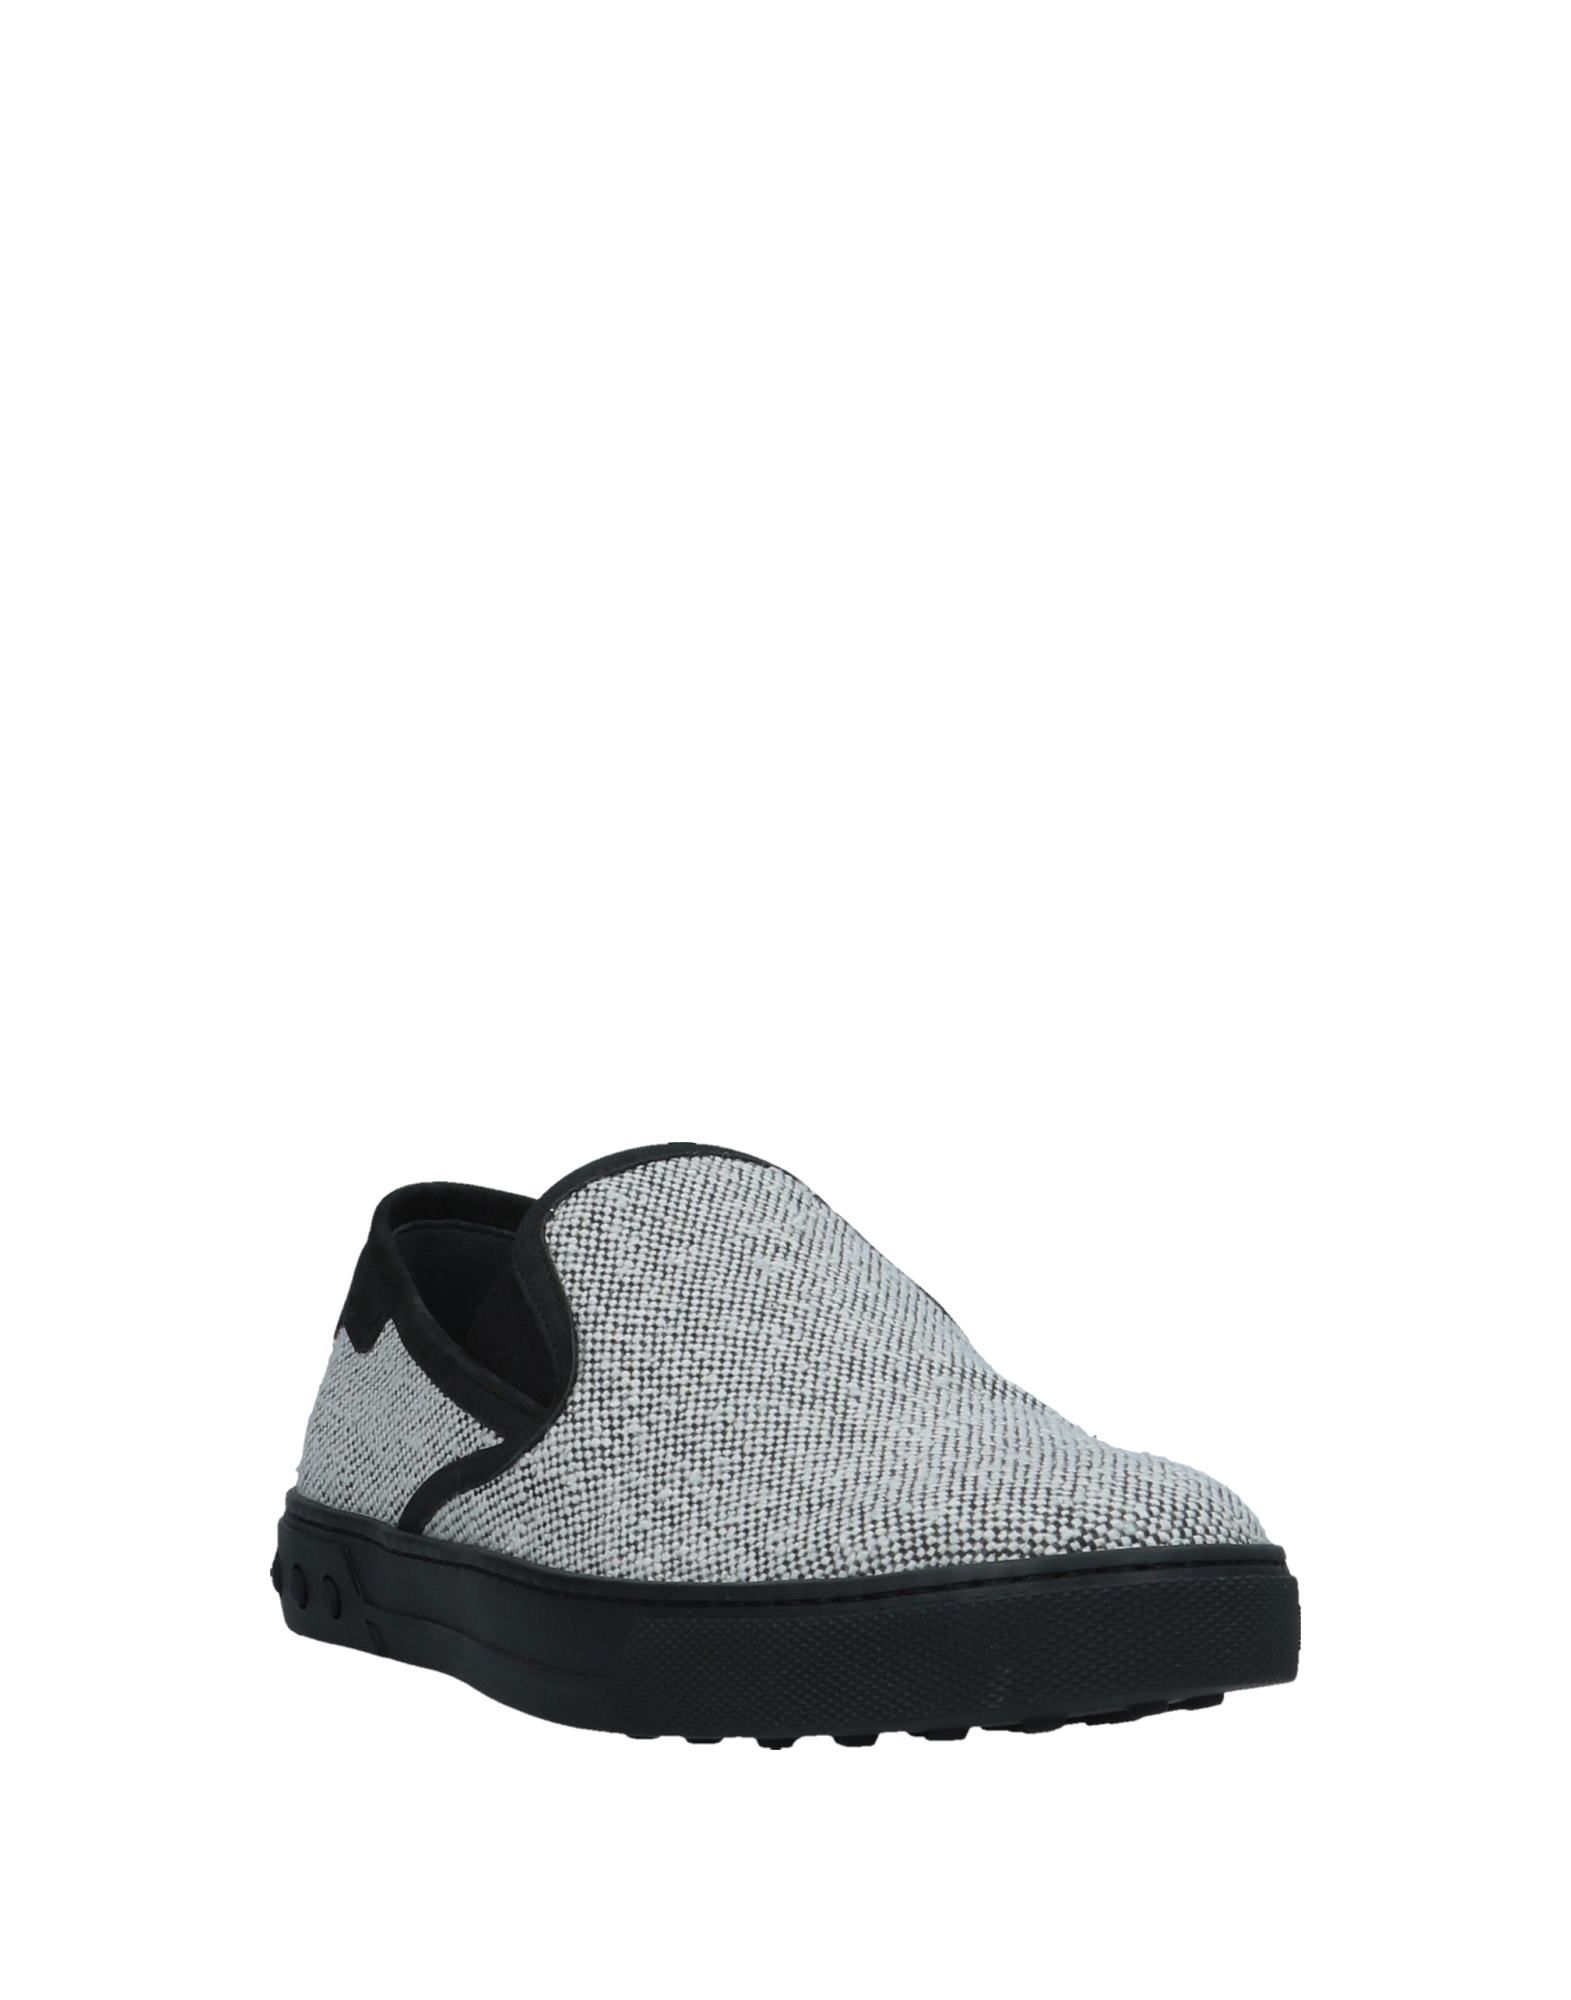 Tod's Gute Sneakers Herren  11540699OL Gute Tod's Qualität beliebte Schuhe 294c8d